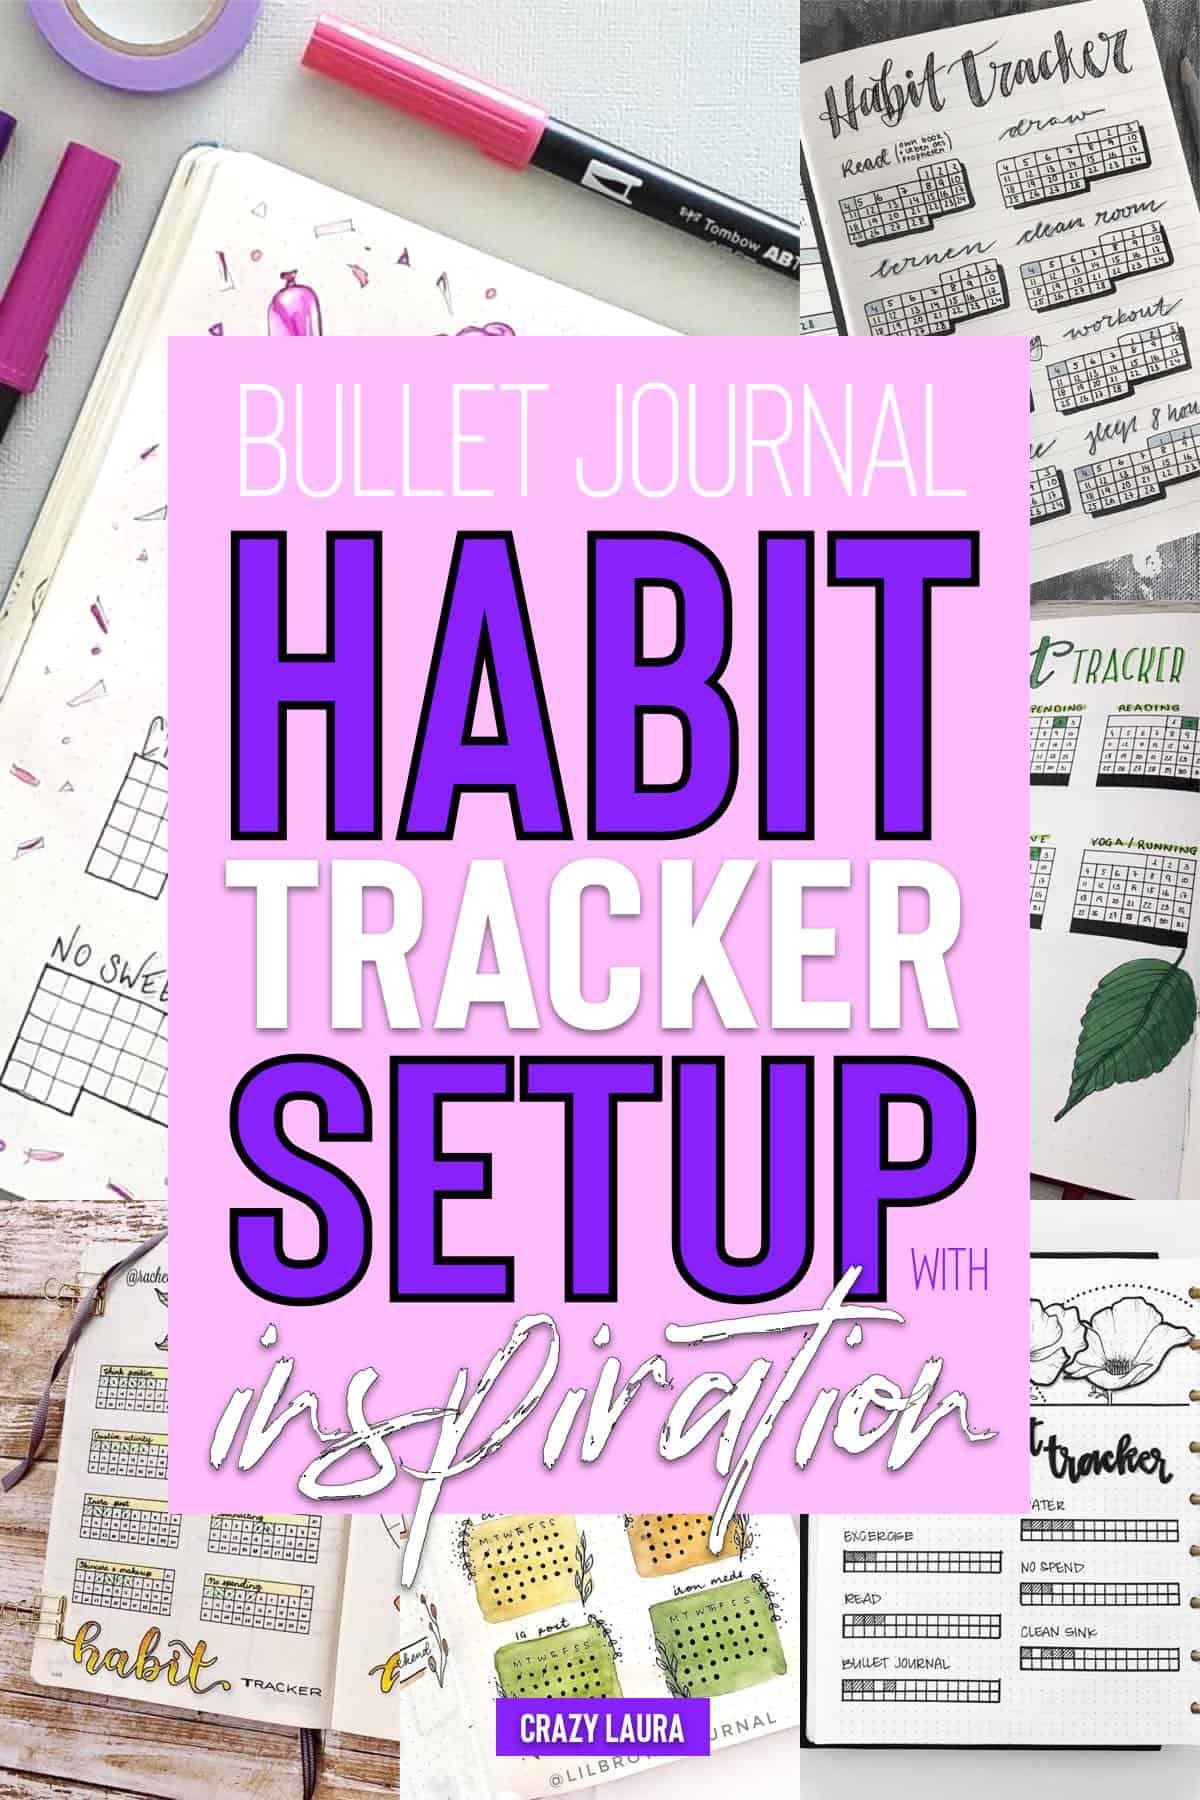 easy habit tracker setup for beginners